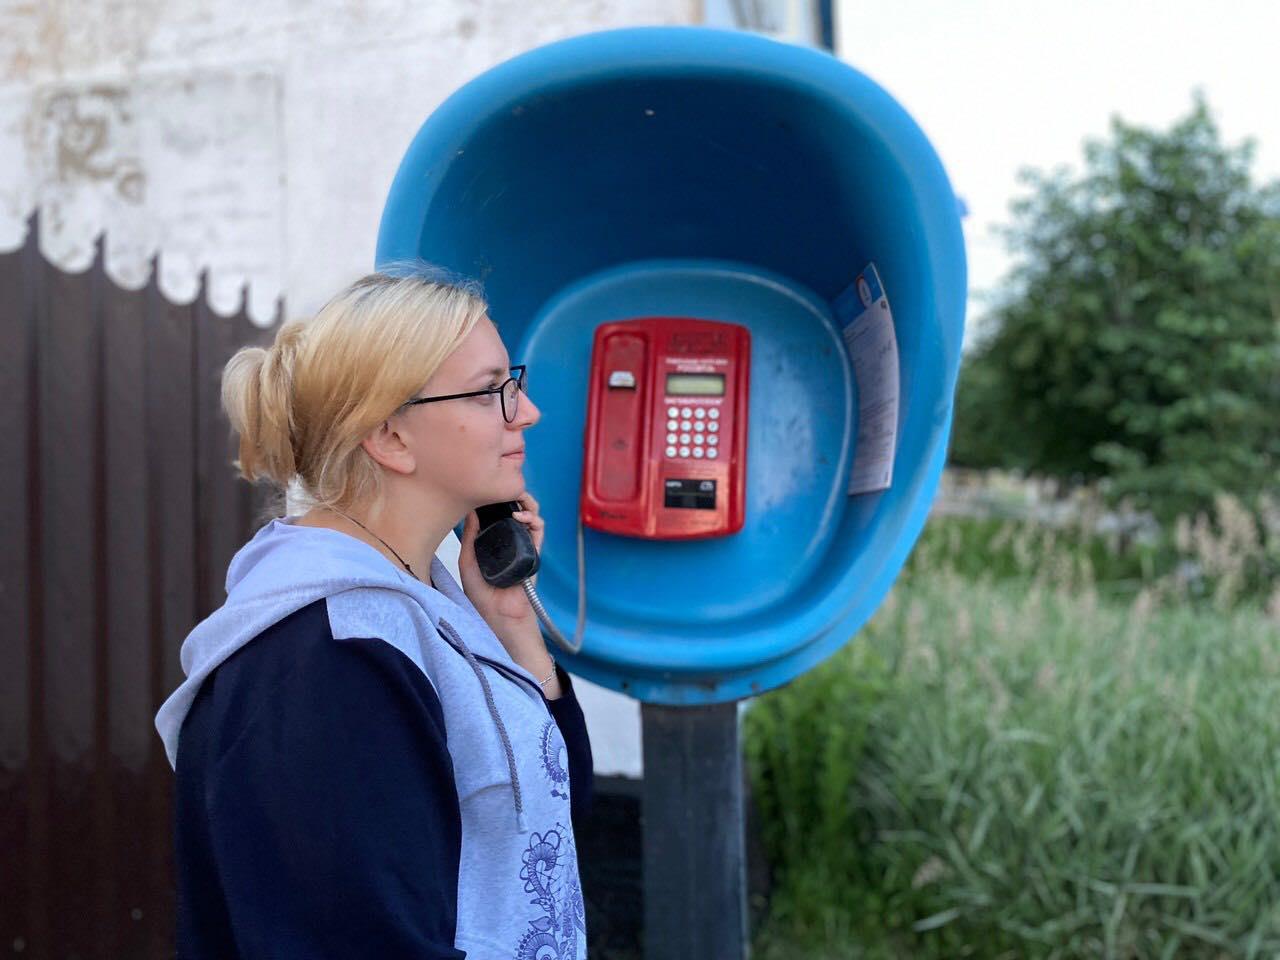 Жители Иркутской области в 2020 году проговорили по таксофонам более двух миллионов минут